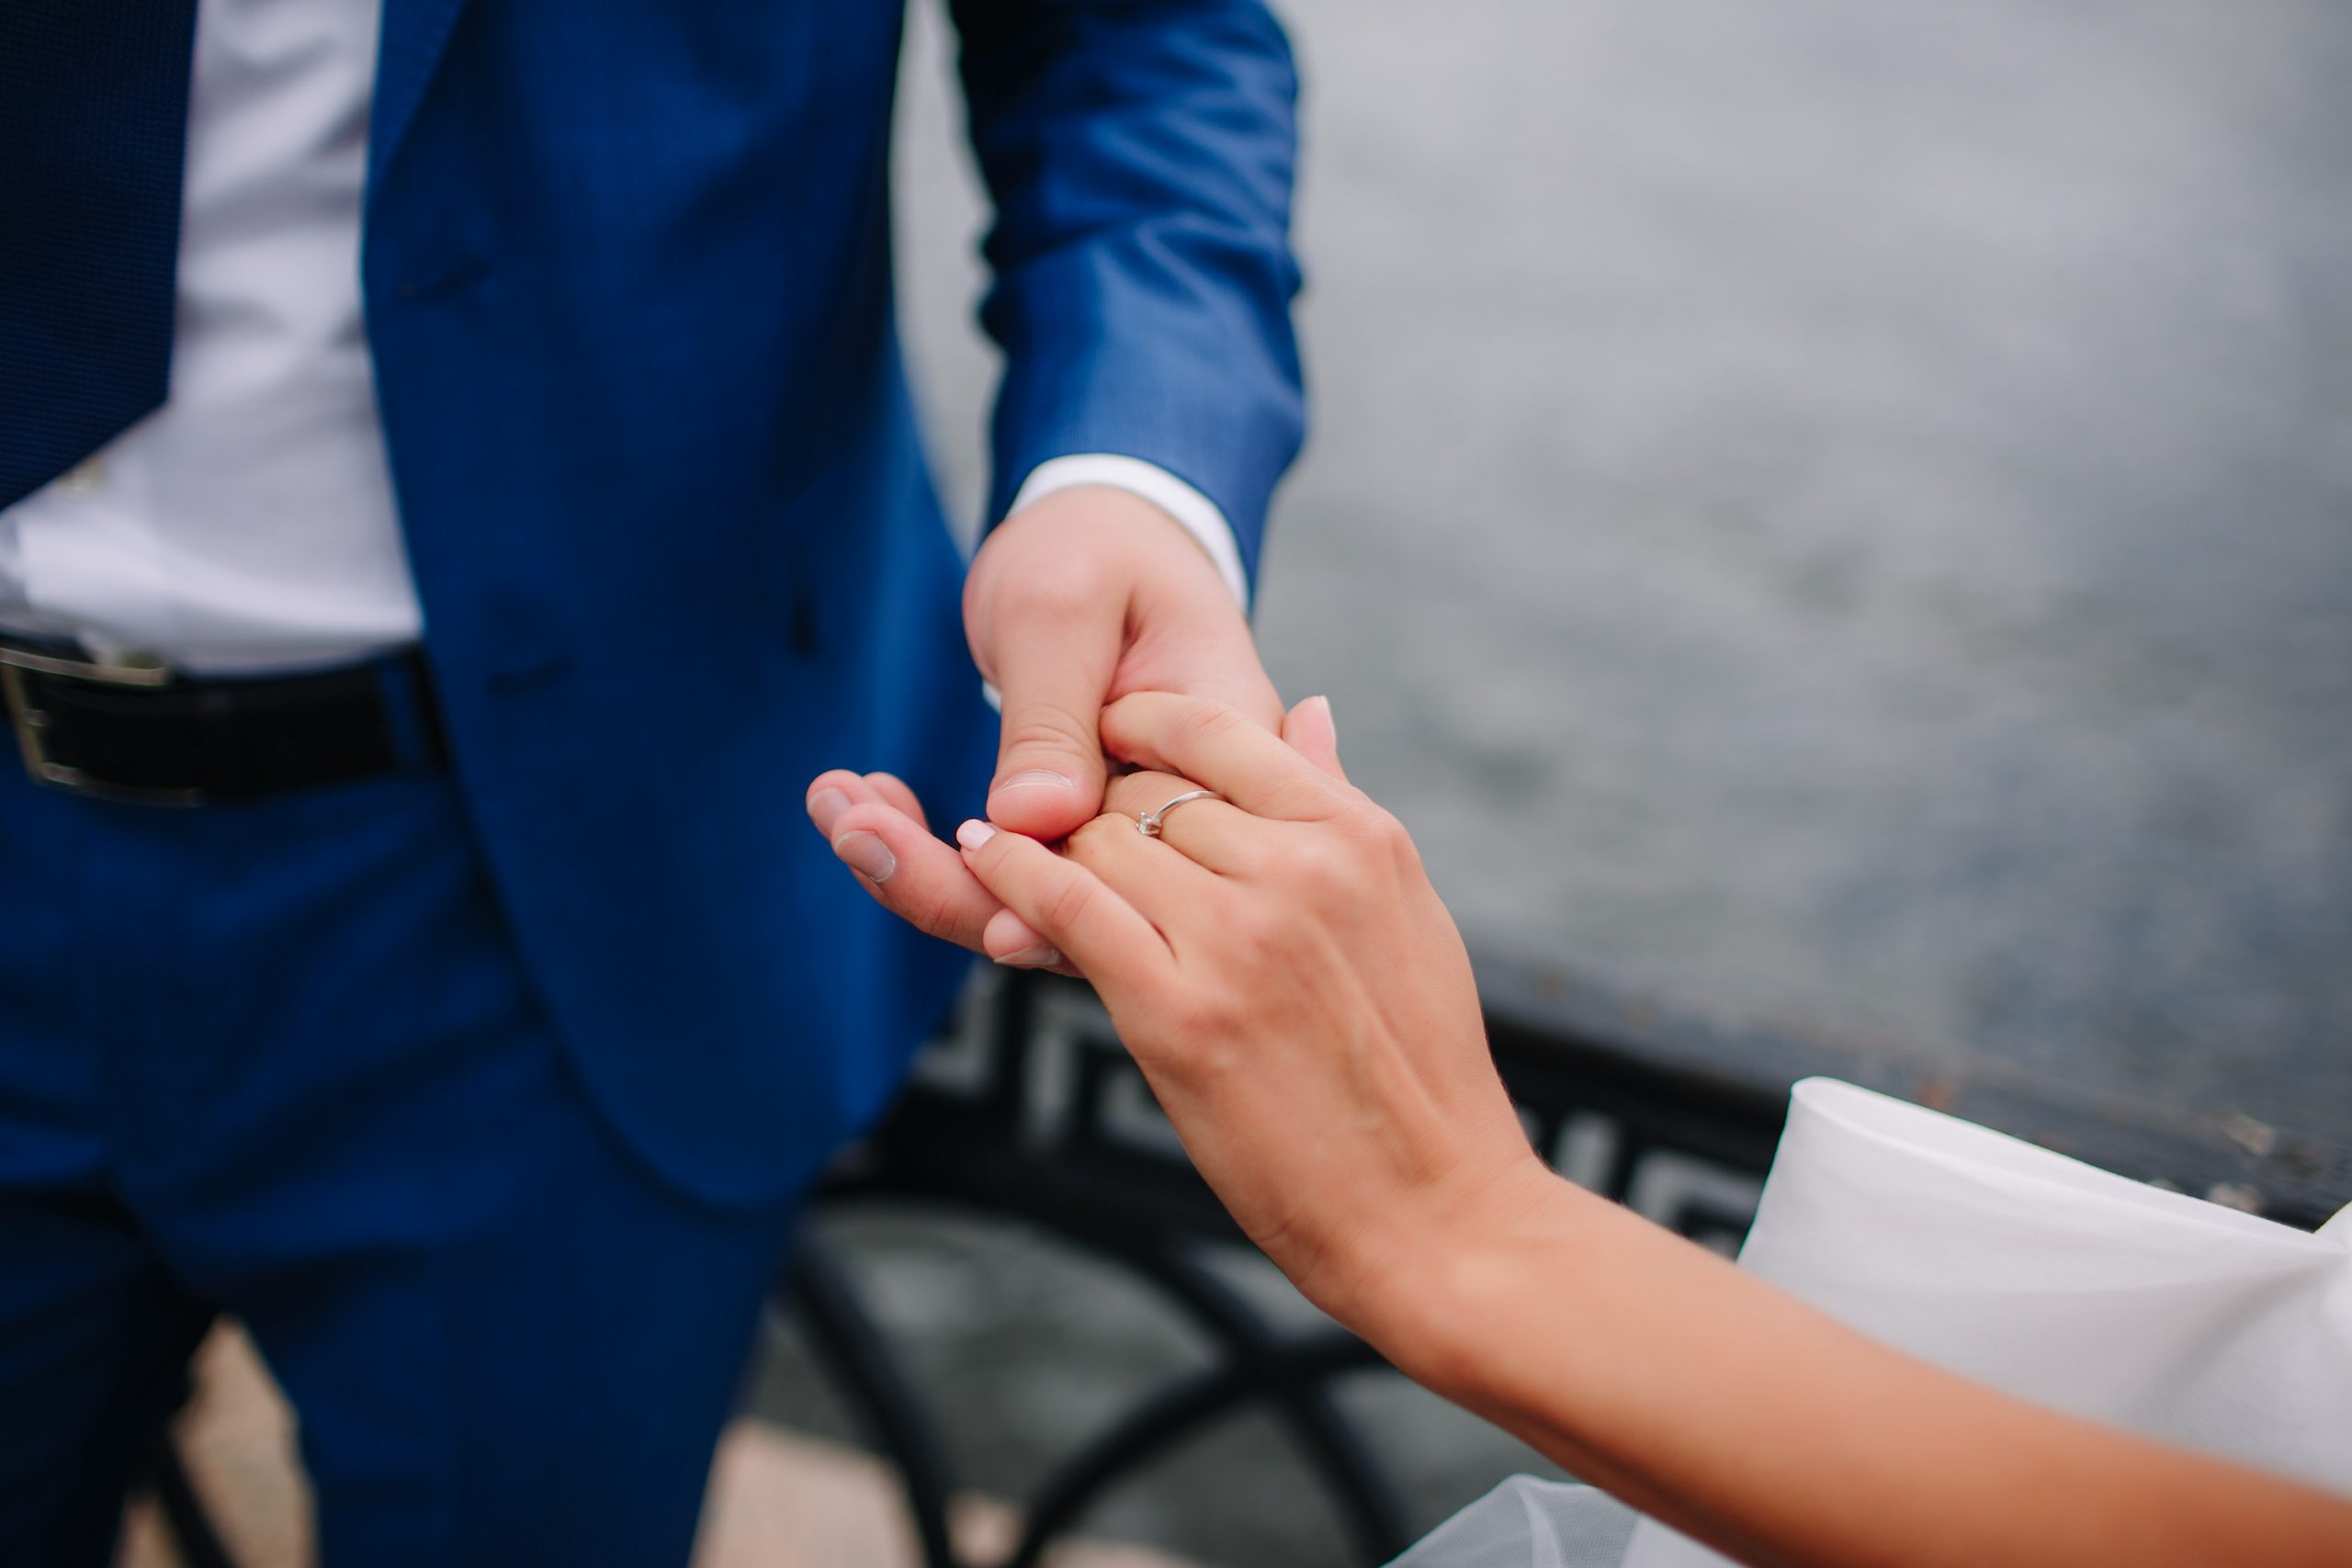 女性の手を握りエスコートする男性